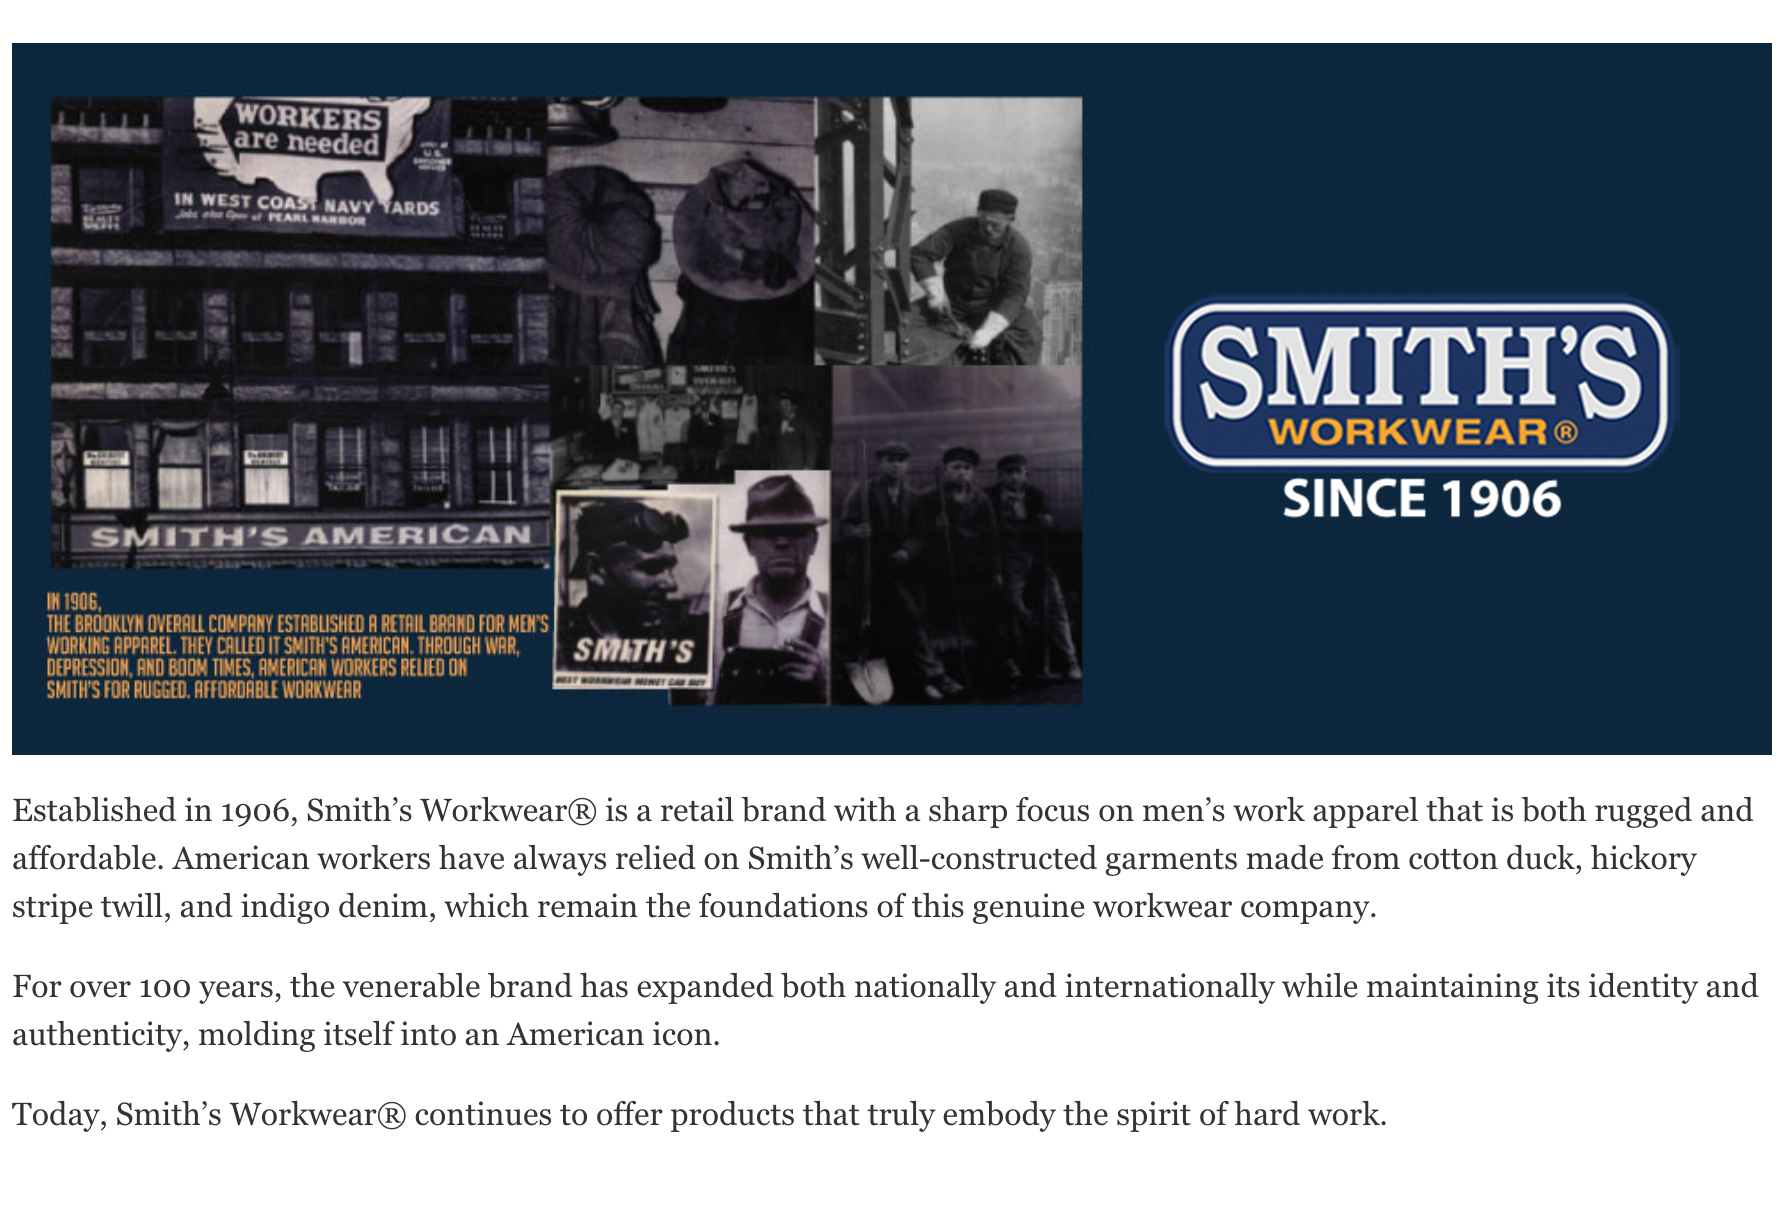 Smith's Workwear (R1).jpg